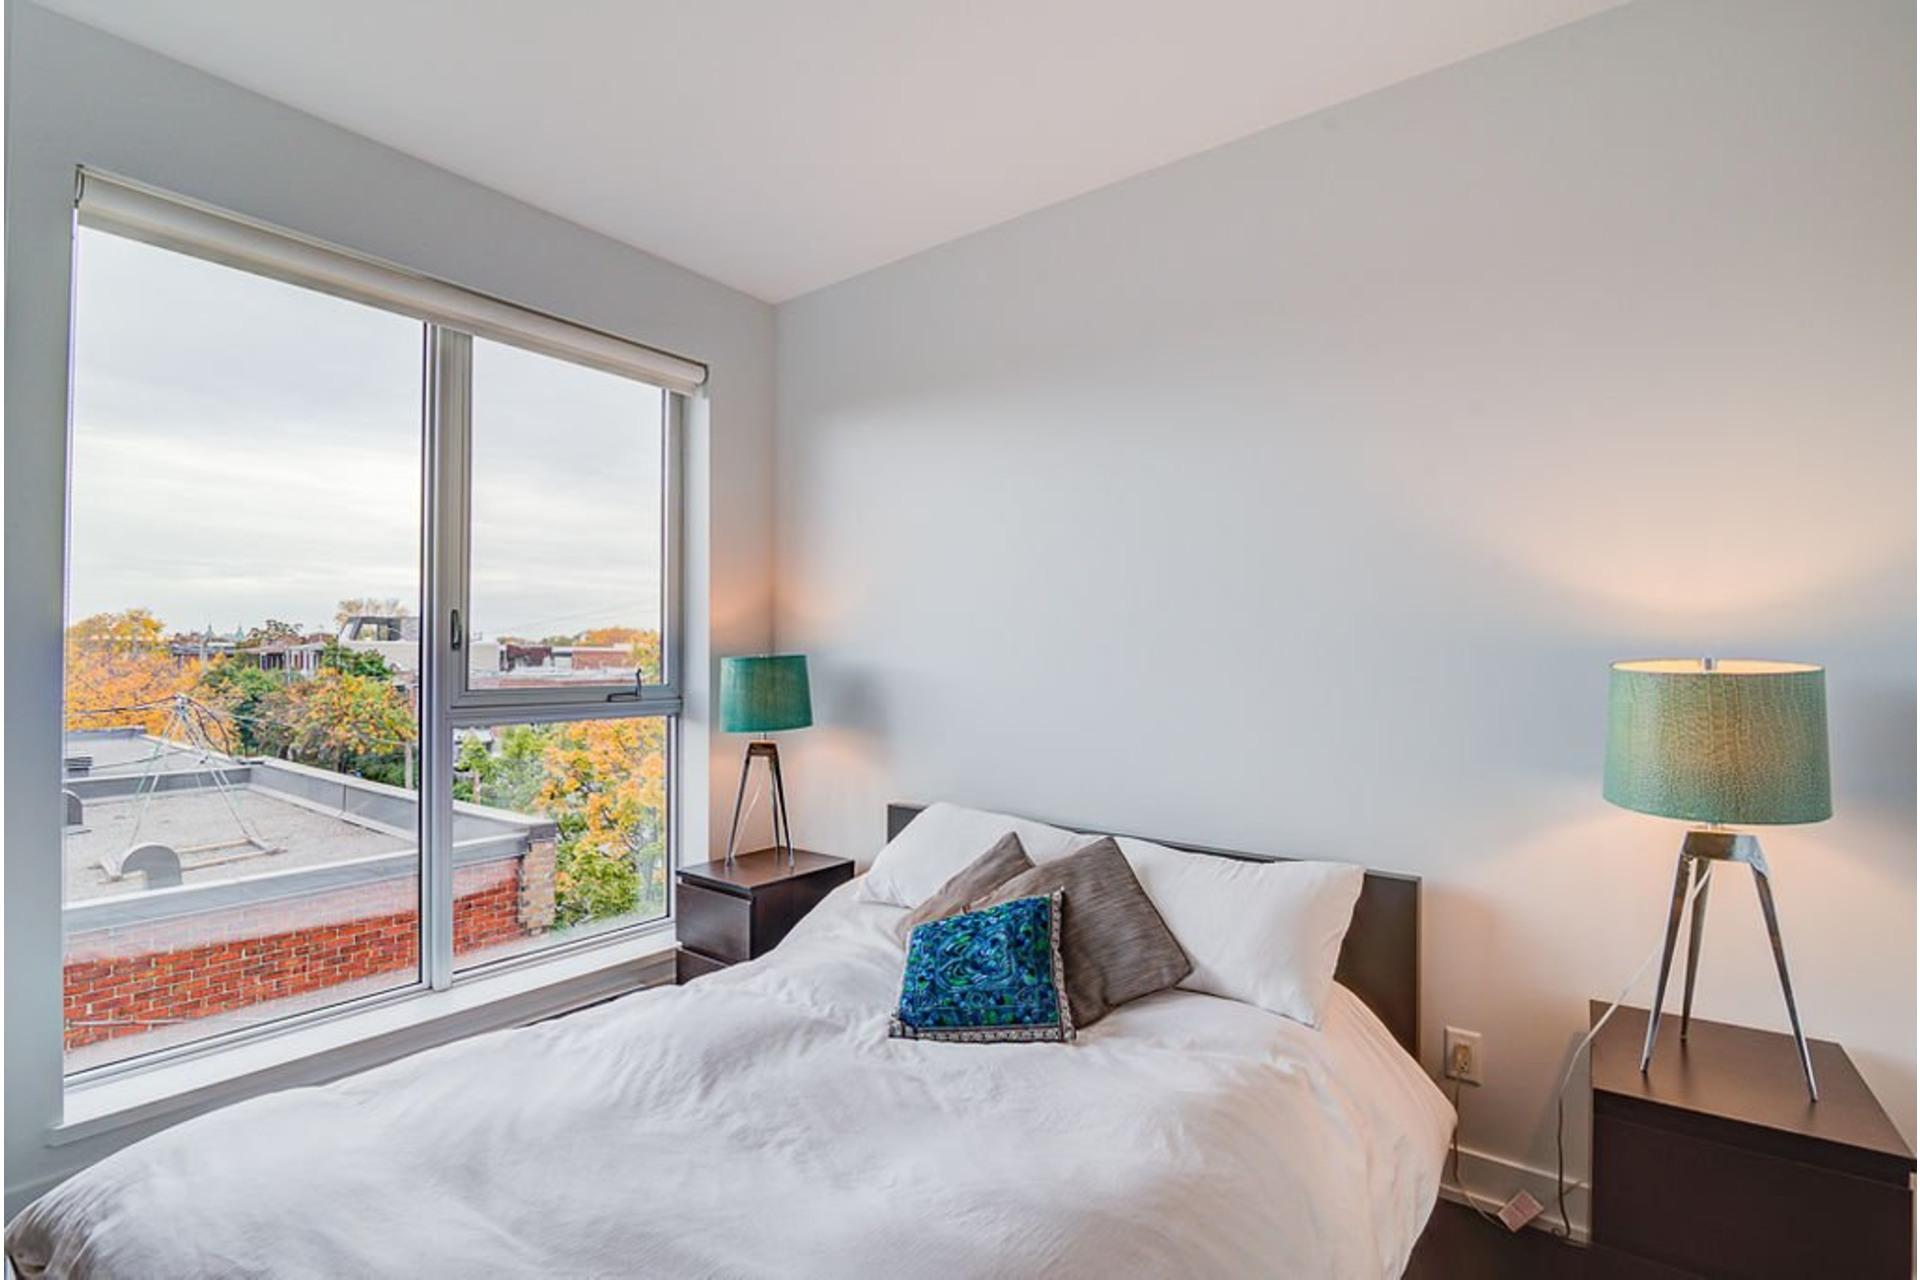 image 19 - Appartement À vendre Villeray/Saint-Michel/Parc-Extension Montréal  - 6 pièces